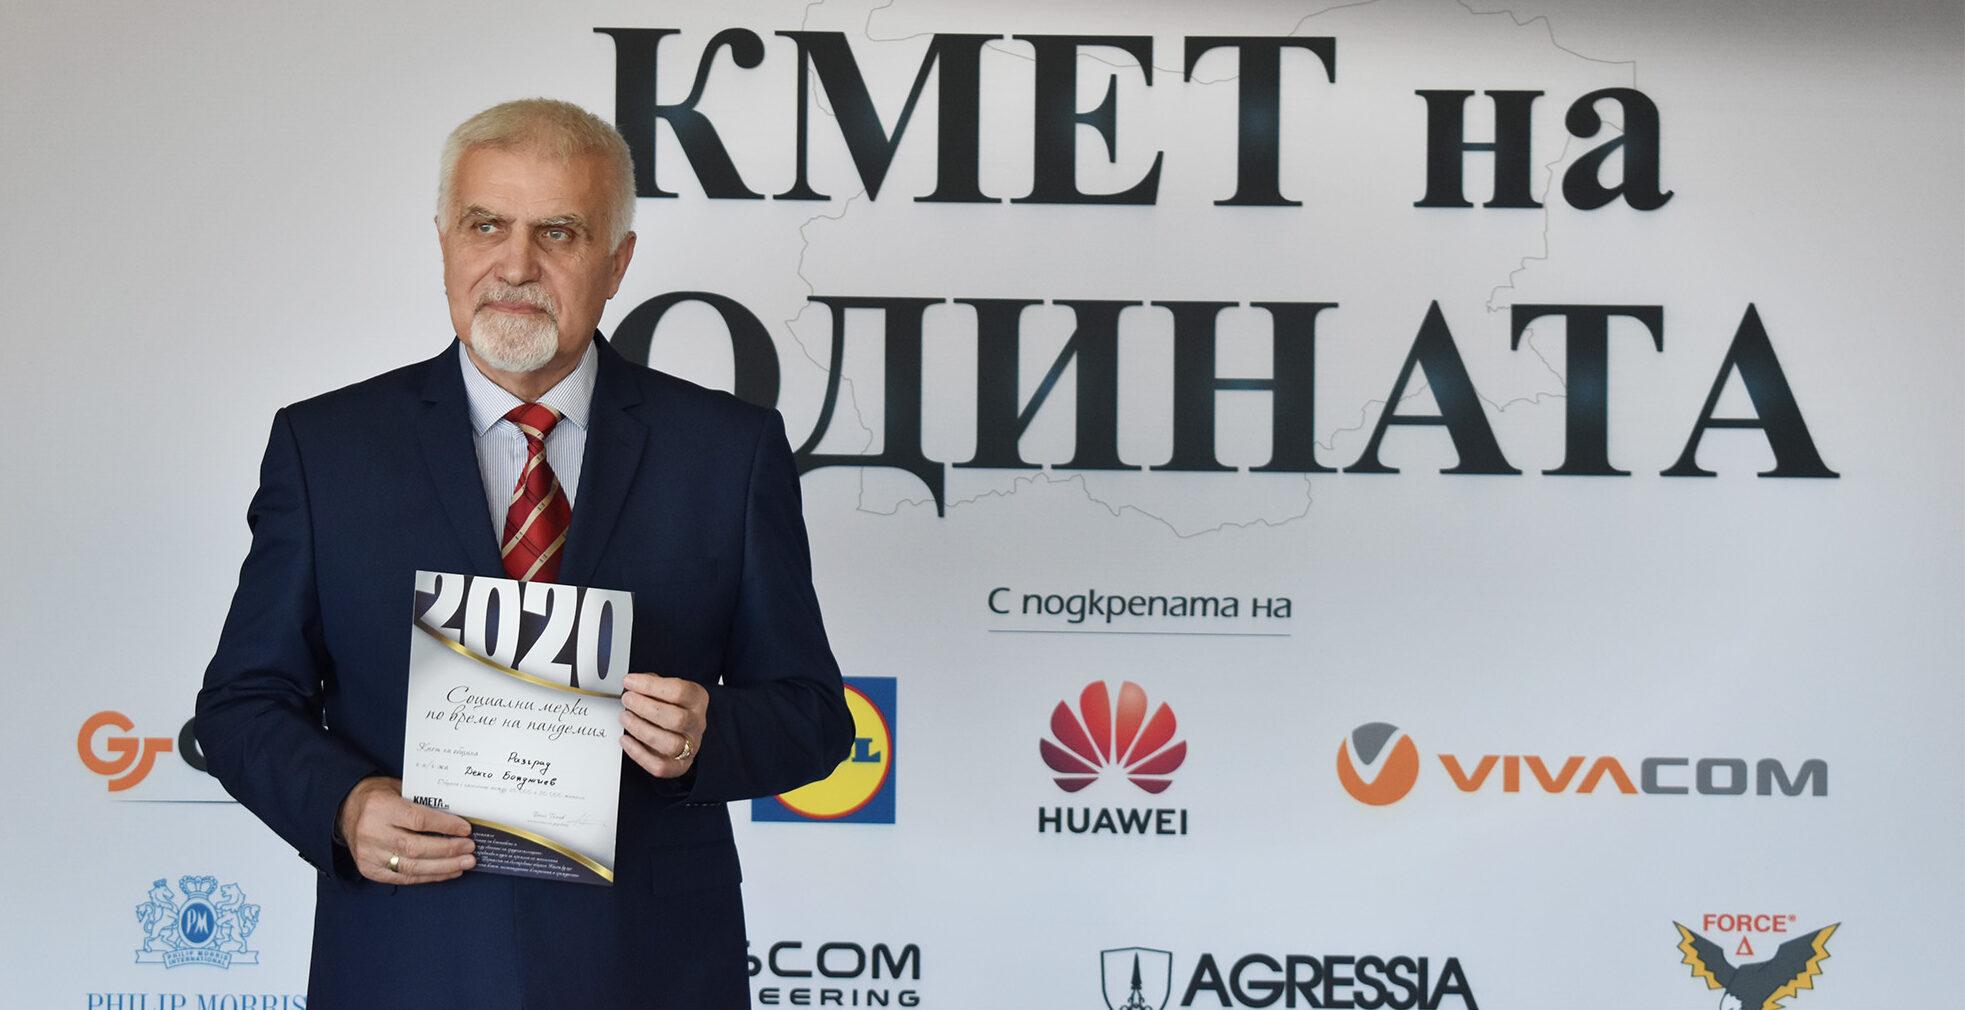 """Кметът Денчо Бояджиев получи награда в конкурса """"Кмет ..."""